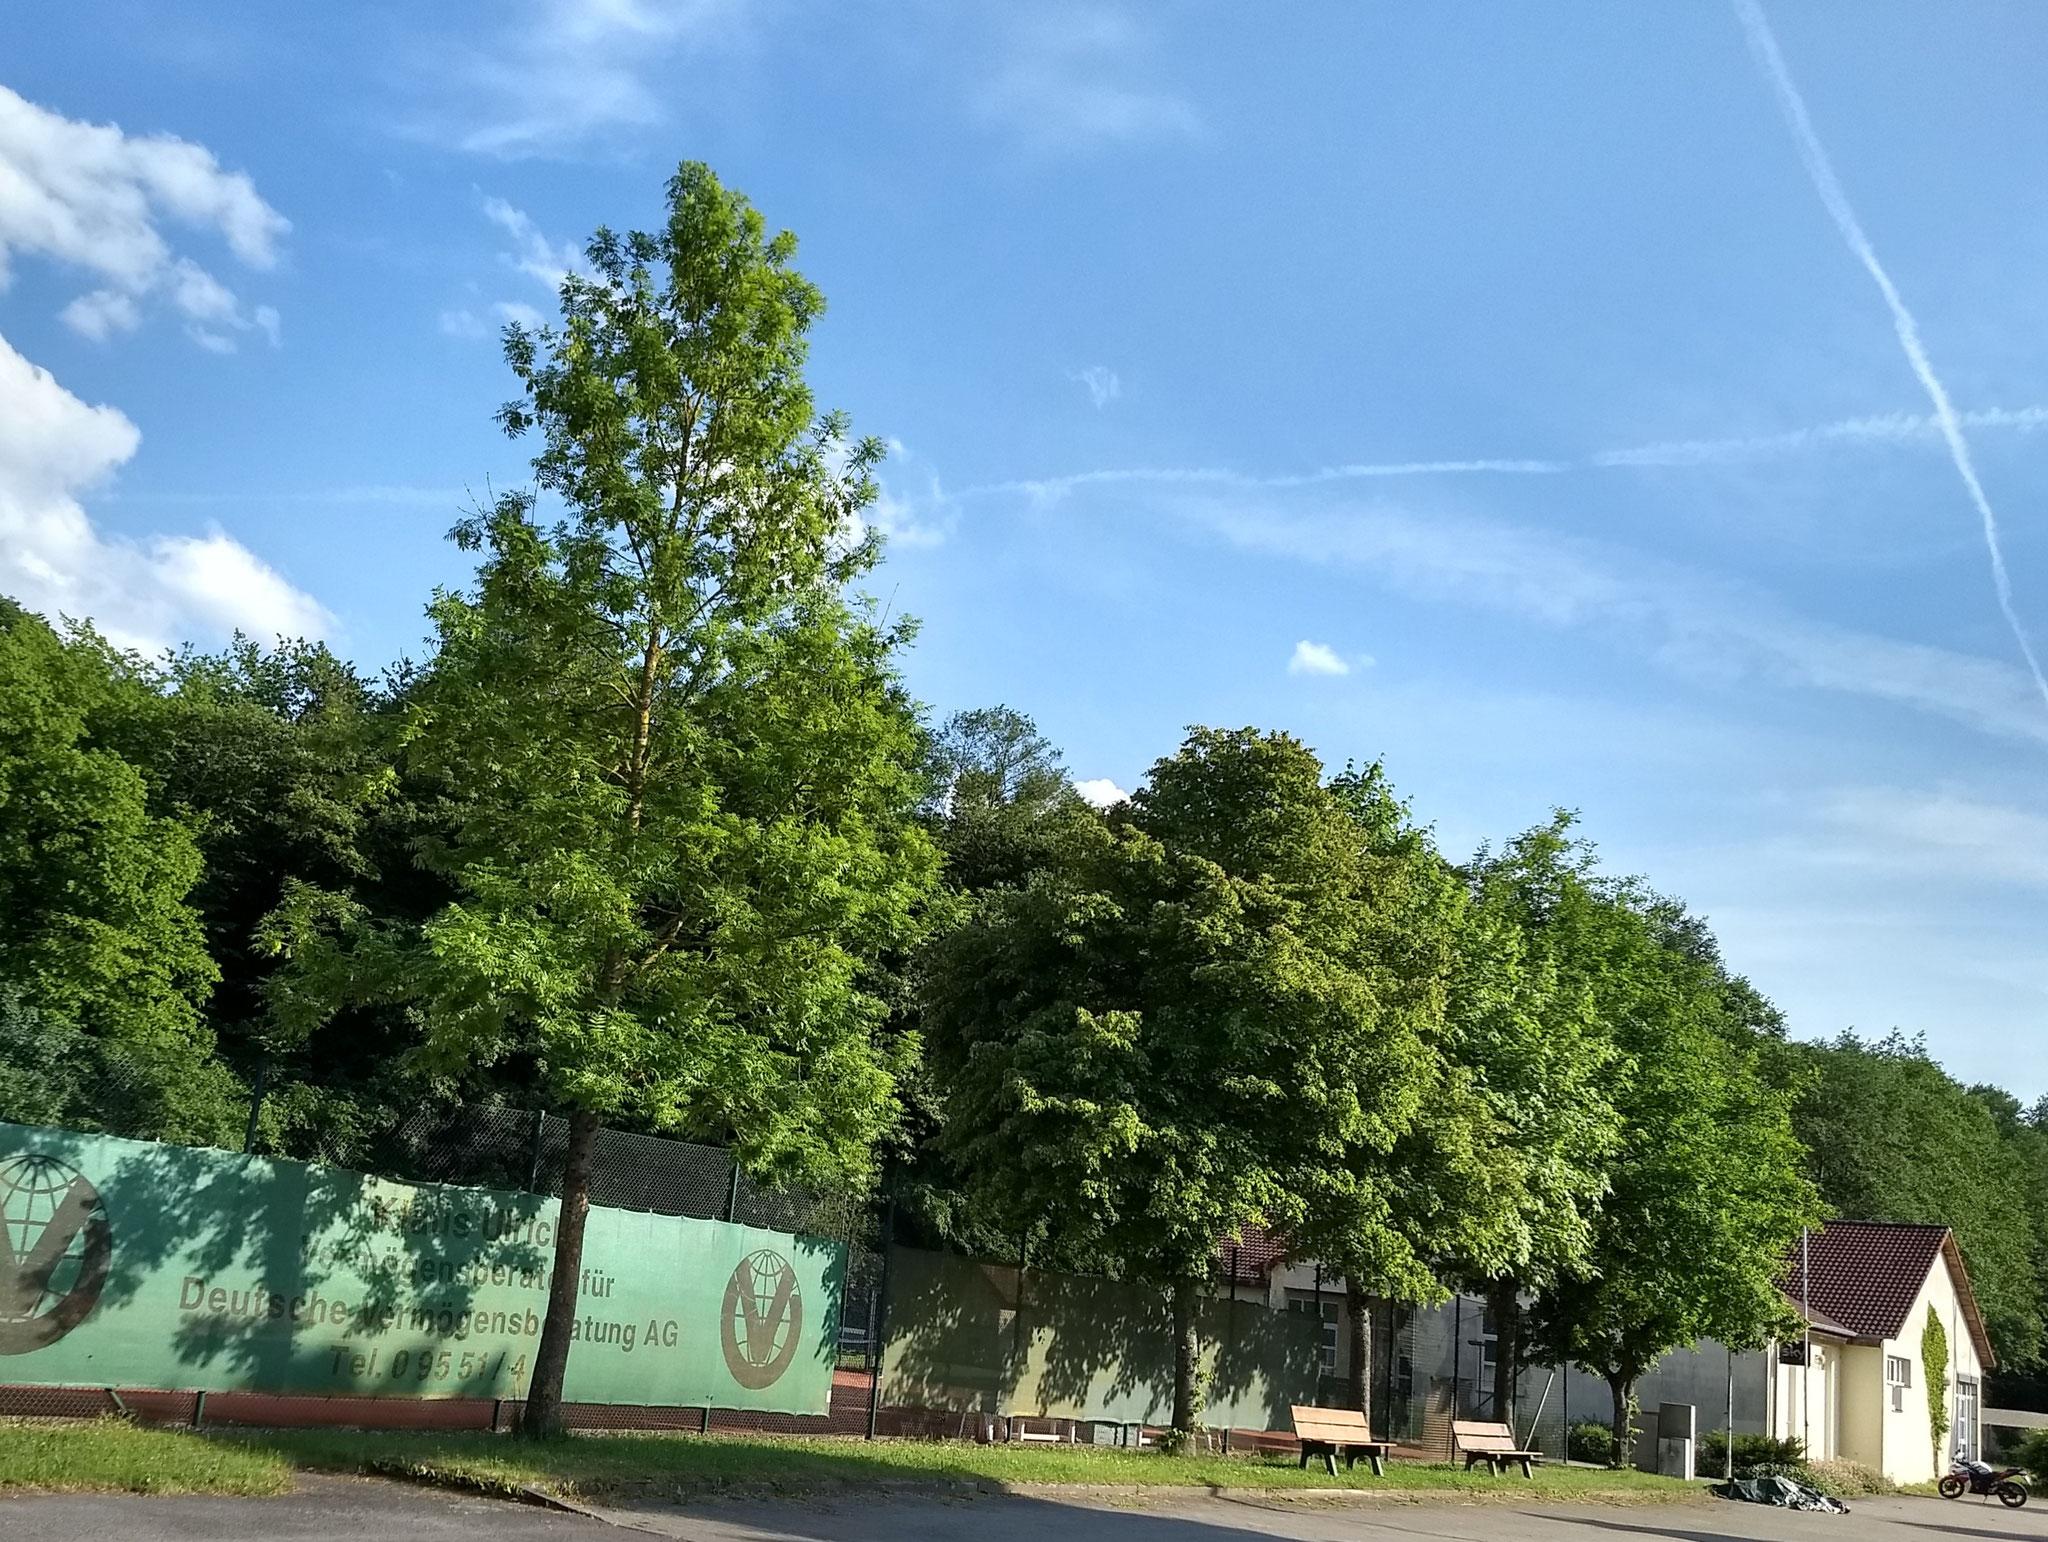 Sportclub Ebrach Vereinsheim mit Tennisanlagen und Parkplätzen von Nordwesten gesehen